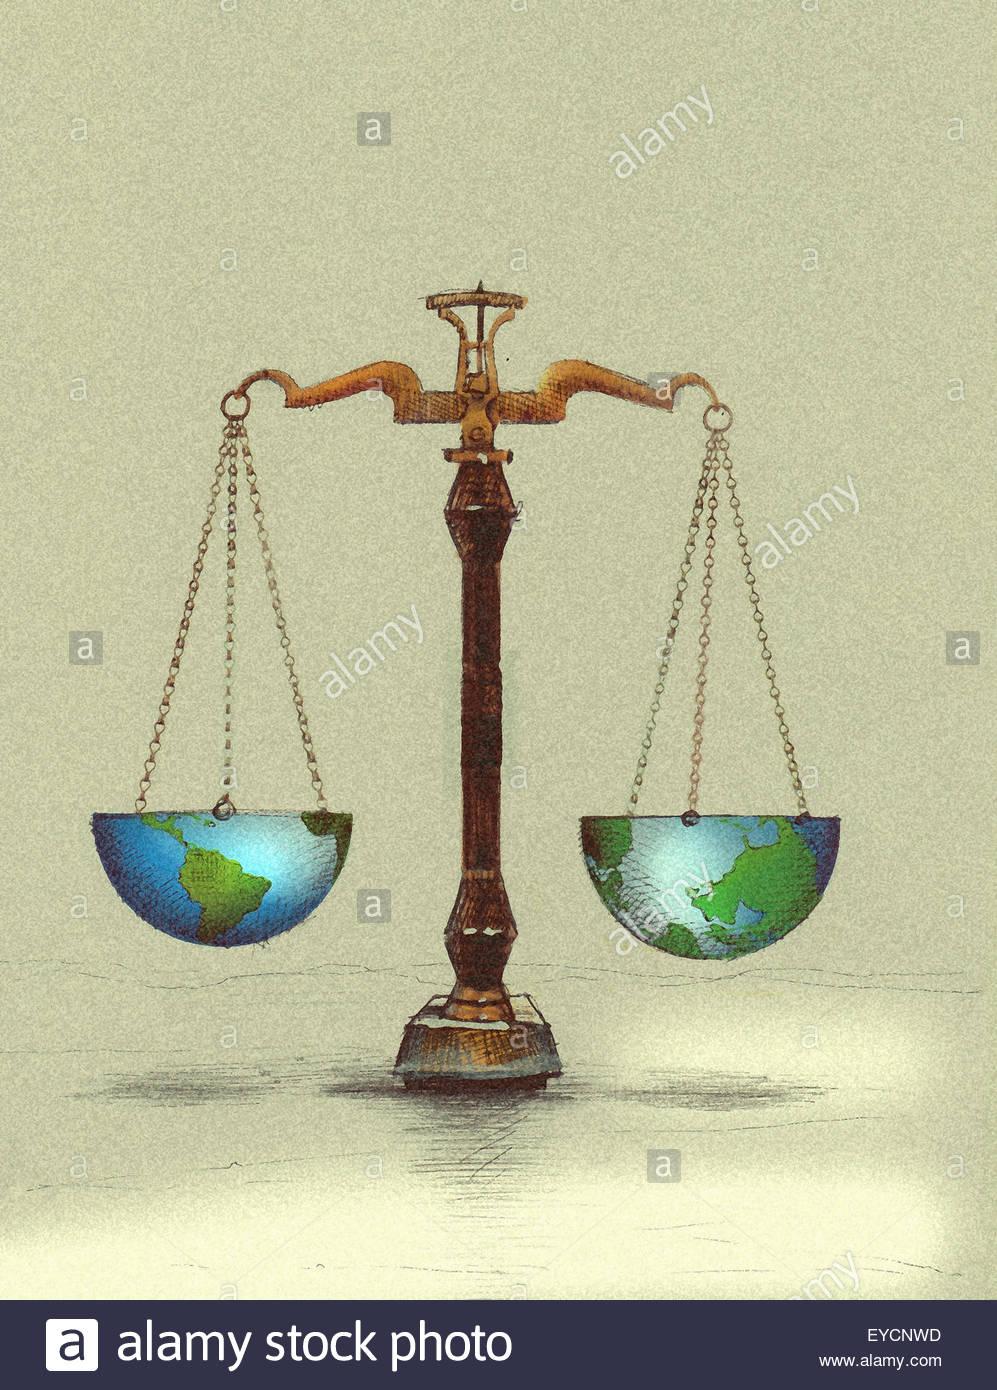 Equilibrio de las escalas de los hemisferios norte y sur del mundo Imagen De Stock